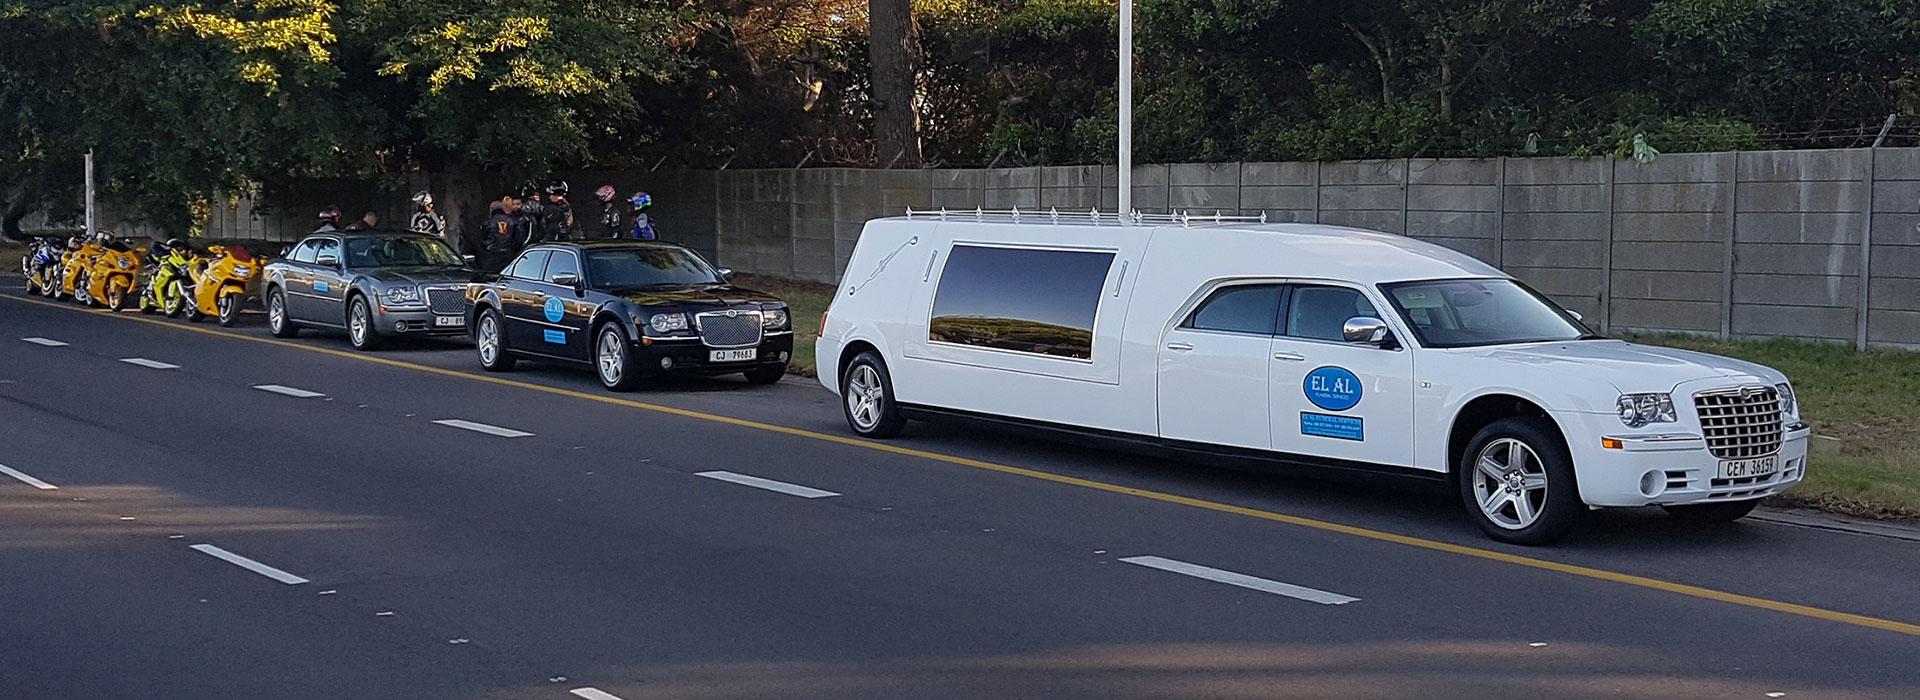 EL AL Funeral Services